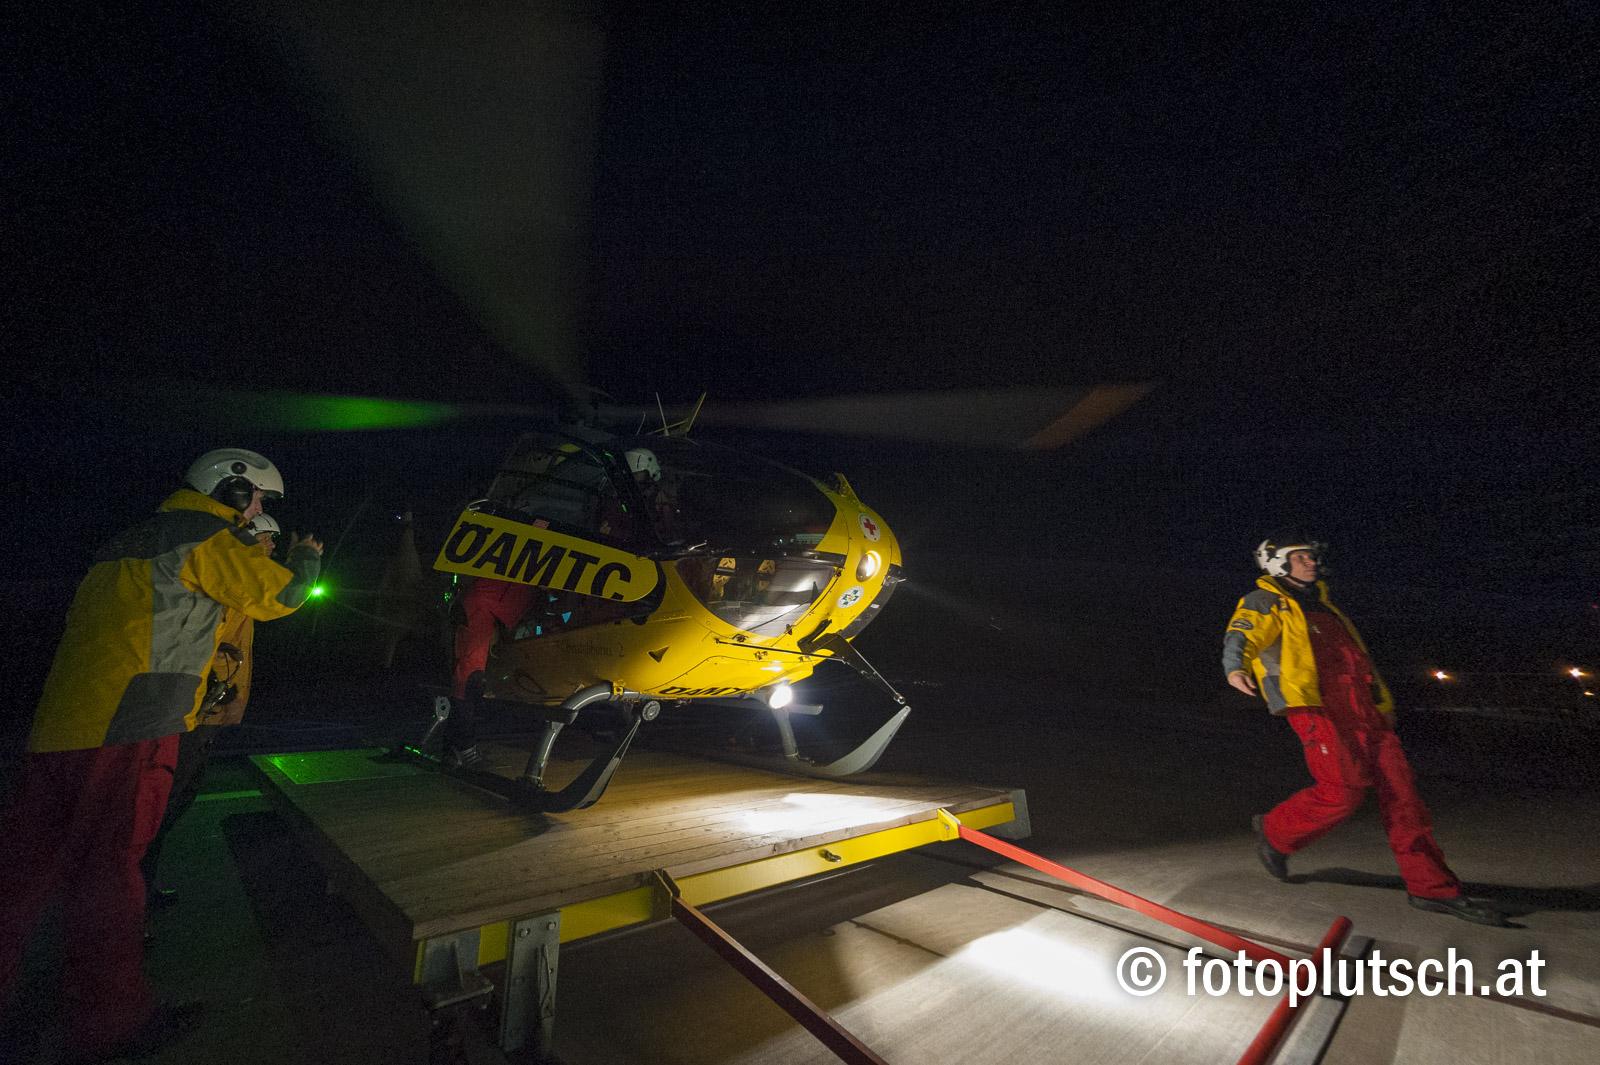 ÖAMTC-Flugrettung: Christophorus 2 übt in der Nacht Nachtflugtraining für Piloten und Flugretter Die ÖAMTC-Notarzthubschrauber können und dürfen nachts fliegen. Das passiert gerade im Winter sehr oft, wenn die Crew noch knapp vor Dienstschluss zu einem Einsatz alarmiert wird. Zudem soll mit Anfang 2017 mit Christophorus 2 erstmals in Österreich ein Notarzthubschrauber im 24-Stunden Betrieb – also rund um die Uhr – verfügbar sein. Zukünftig wird die ÖAMTC-Flugrettung zur Erhöhung der Flugsicherheit daher bei Dunkelheit Nachtsichtgeräte (Night Vision Goggles) einsetzen. Diese Geräte bieten der Besatzung die Möglichkeit, auch bei vollständiger Dunkelheit Hindernisse wie Stromleitungen, Masten oder Windräder zu erkennen. Auch Wetteränderungen, wie aufziehender Nebel oder Schlechtwetterfronten, können frühzeitig erkannt und umflogen werden. Der Einsatz der NVGs muss jedoch gut trainiert werden. Zwischen dem 11. und 17. April werden nun die Piloten und Flugretter des Christophorus 2 mit der neuen Technologie in Theorie und Praxis vertraut gemacht. Zum Zwecke von Schulungsflügen wird der Flugbetrieb an den genannten Tagen bis maximal 23 Uhr verlängert. Die ÖAMTC-Flugrettung ersucht daher um Verständnis für allenfalls zusätzlich auftretenden Lärm. Zwtl.: Aviso Medientermin am 14. April 2016 Für Medienvertreter wird es die Möglichkeit geben, einen Blick hinter die Kulissen des Schulungsbetriebes zu werfen. Donnerstag, 14. April 2016 Treffpunkt: 19 Uhr Ort: Christophorus 2 Flughafenstraße 3 3500 Gneixendorf Um Anmeldung unter 0664/613 1480 oder ralph.schueller@oeamtc.at wird ersucht.